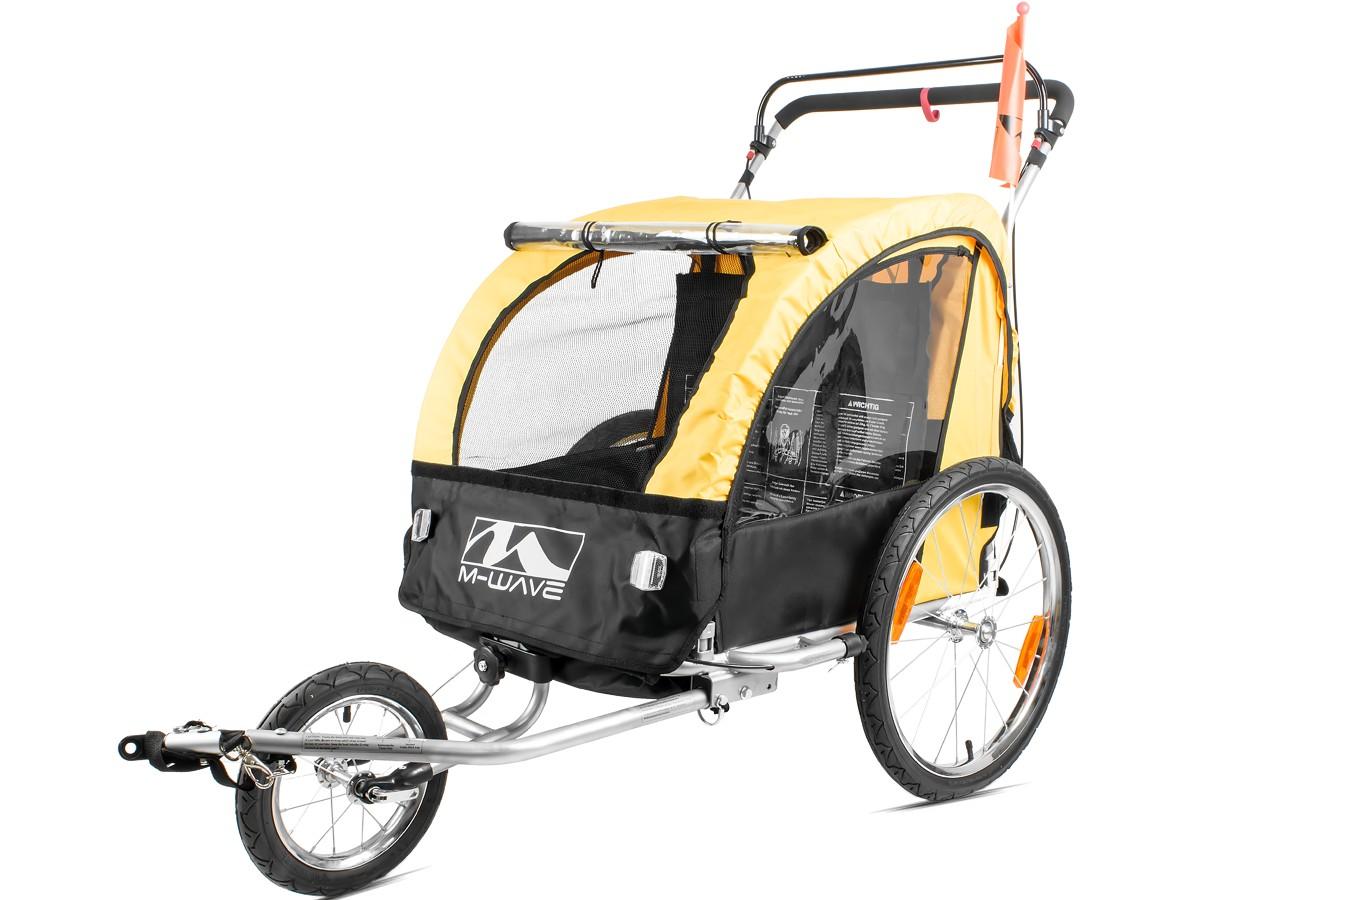 Suporte Reboque Bike Infantil - M-Wave